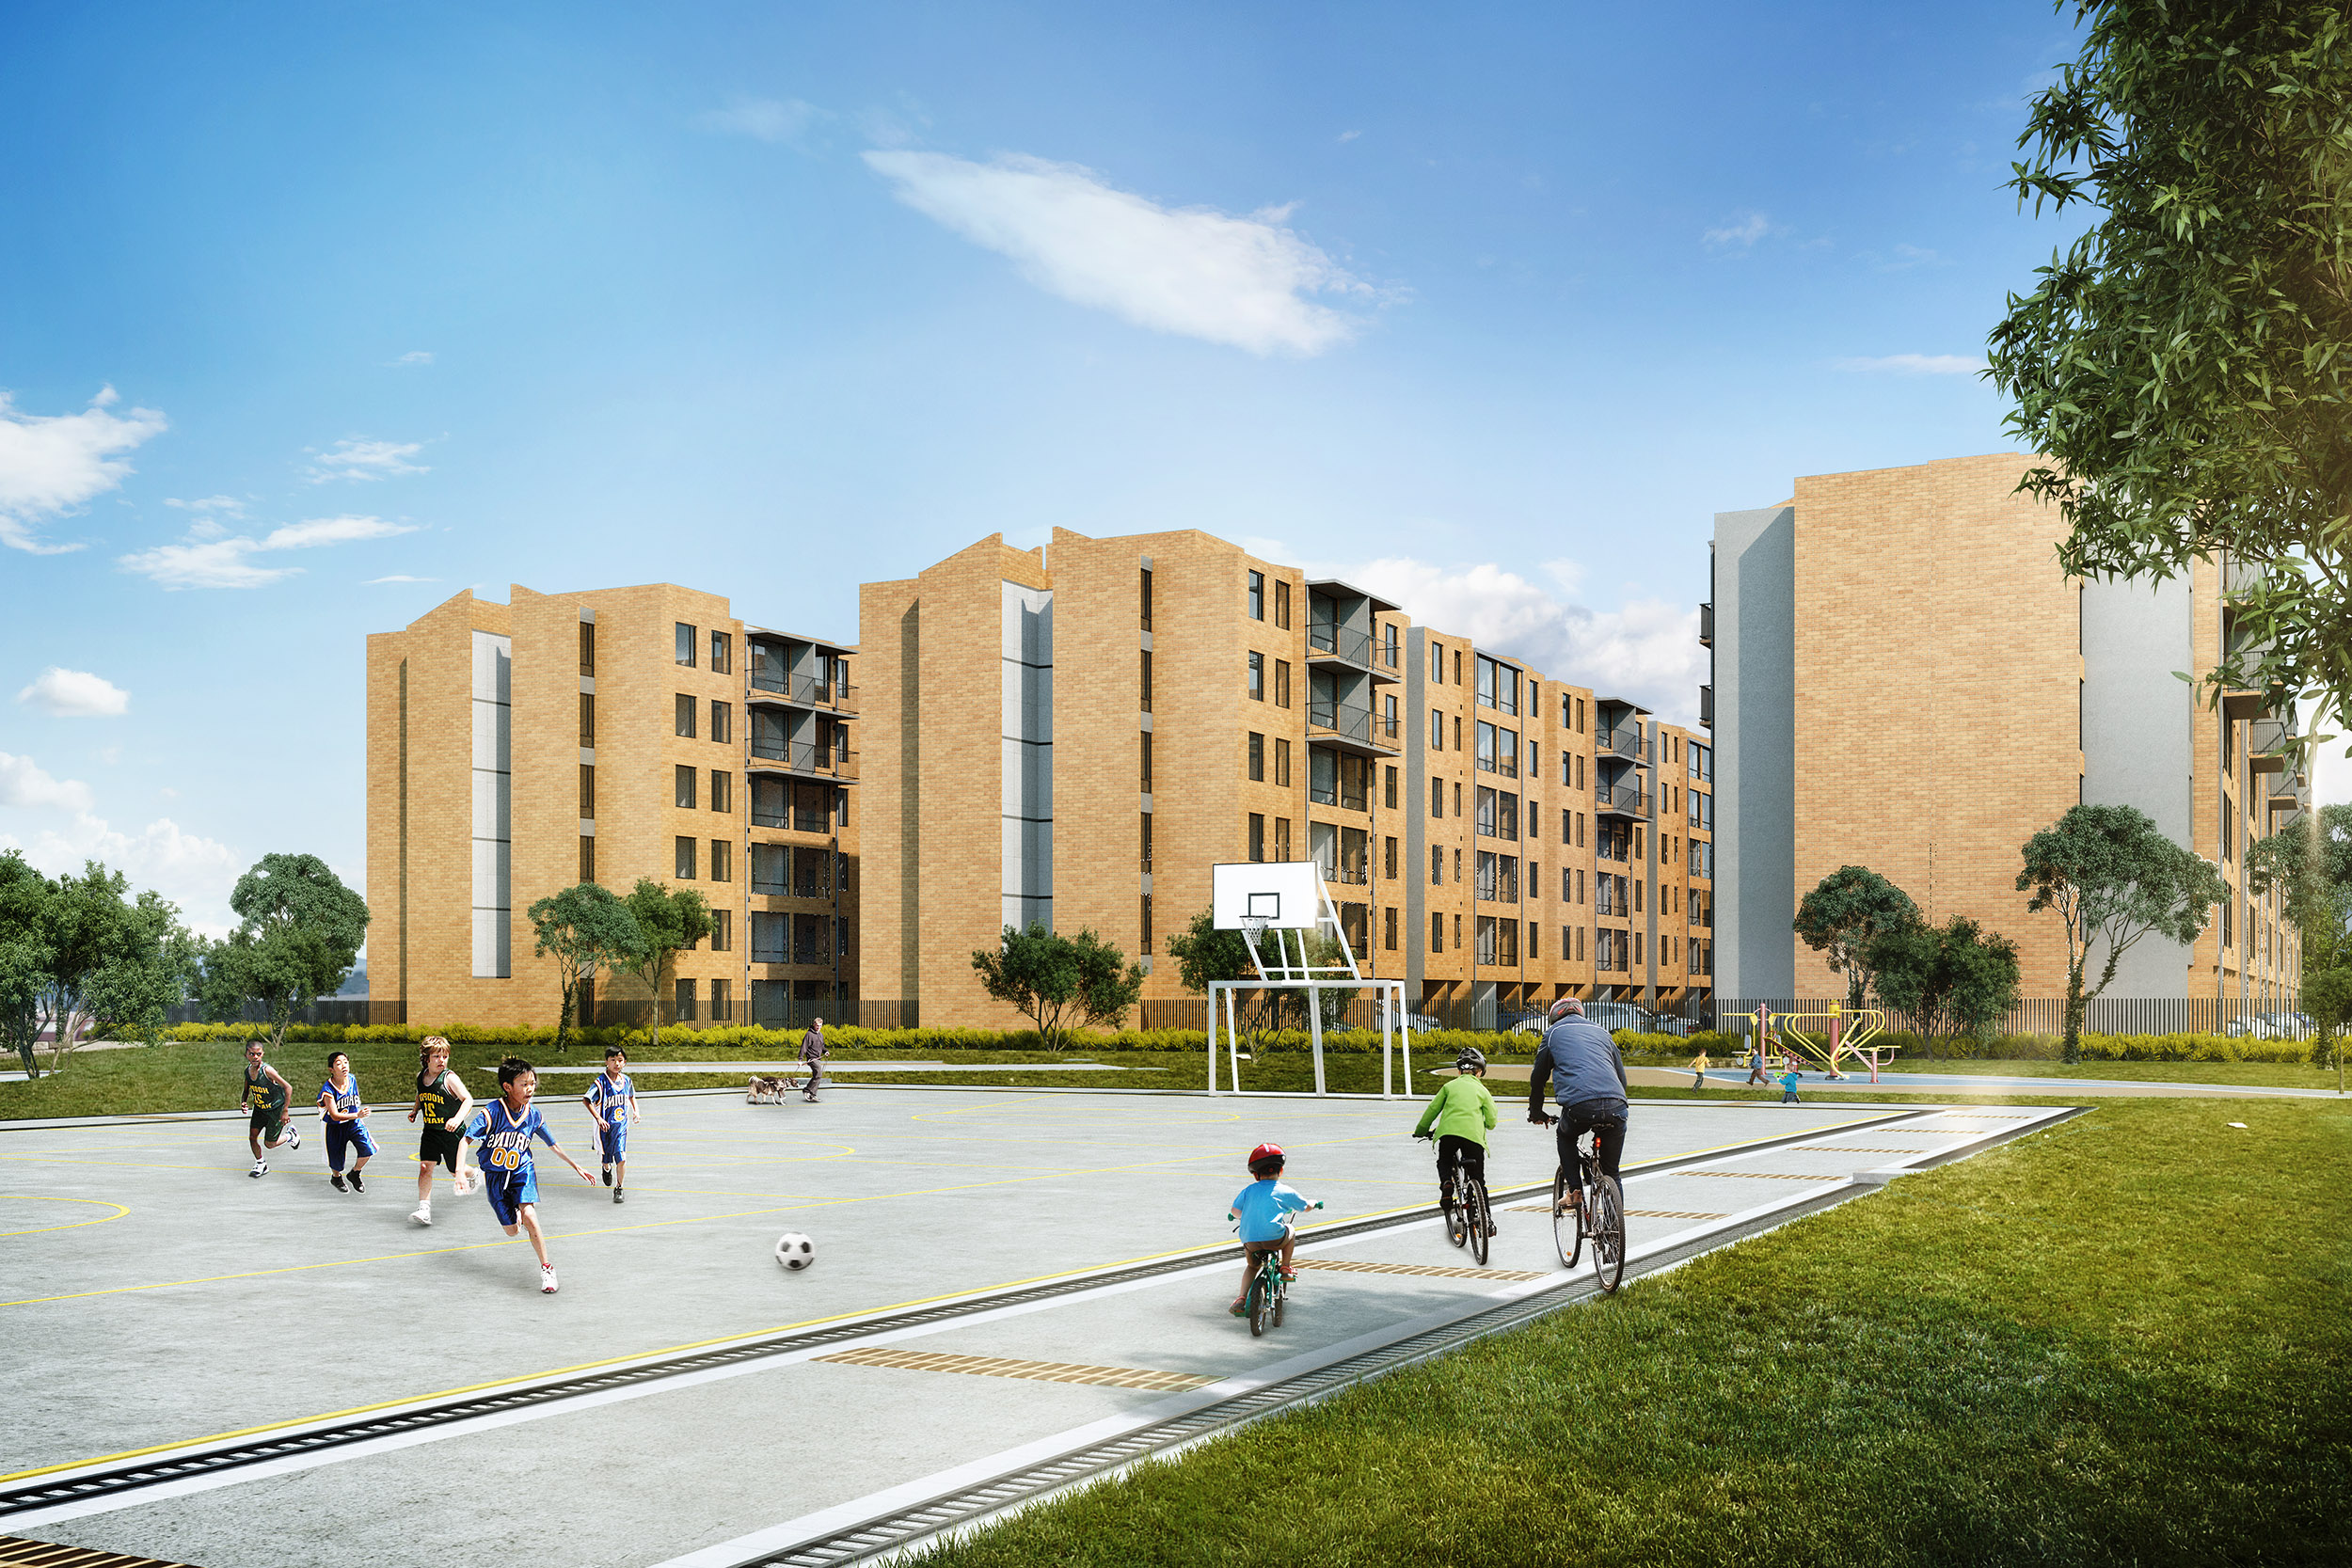 Toledo-apartamentos-via-indumil-soacha-nuevos-vivienda-de-interes-social-vis-venta-vivienda-bogota-3-habitaciones-2-baños-cundinamarca-torortiz-casas-lotes-PARQUE - FINAL BAJA